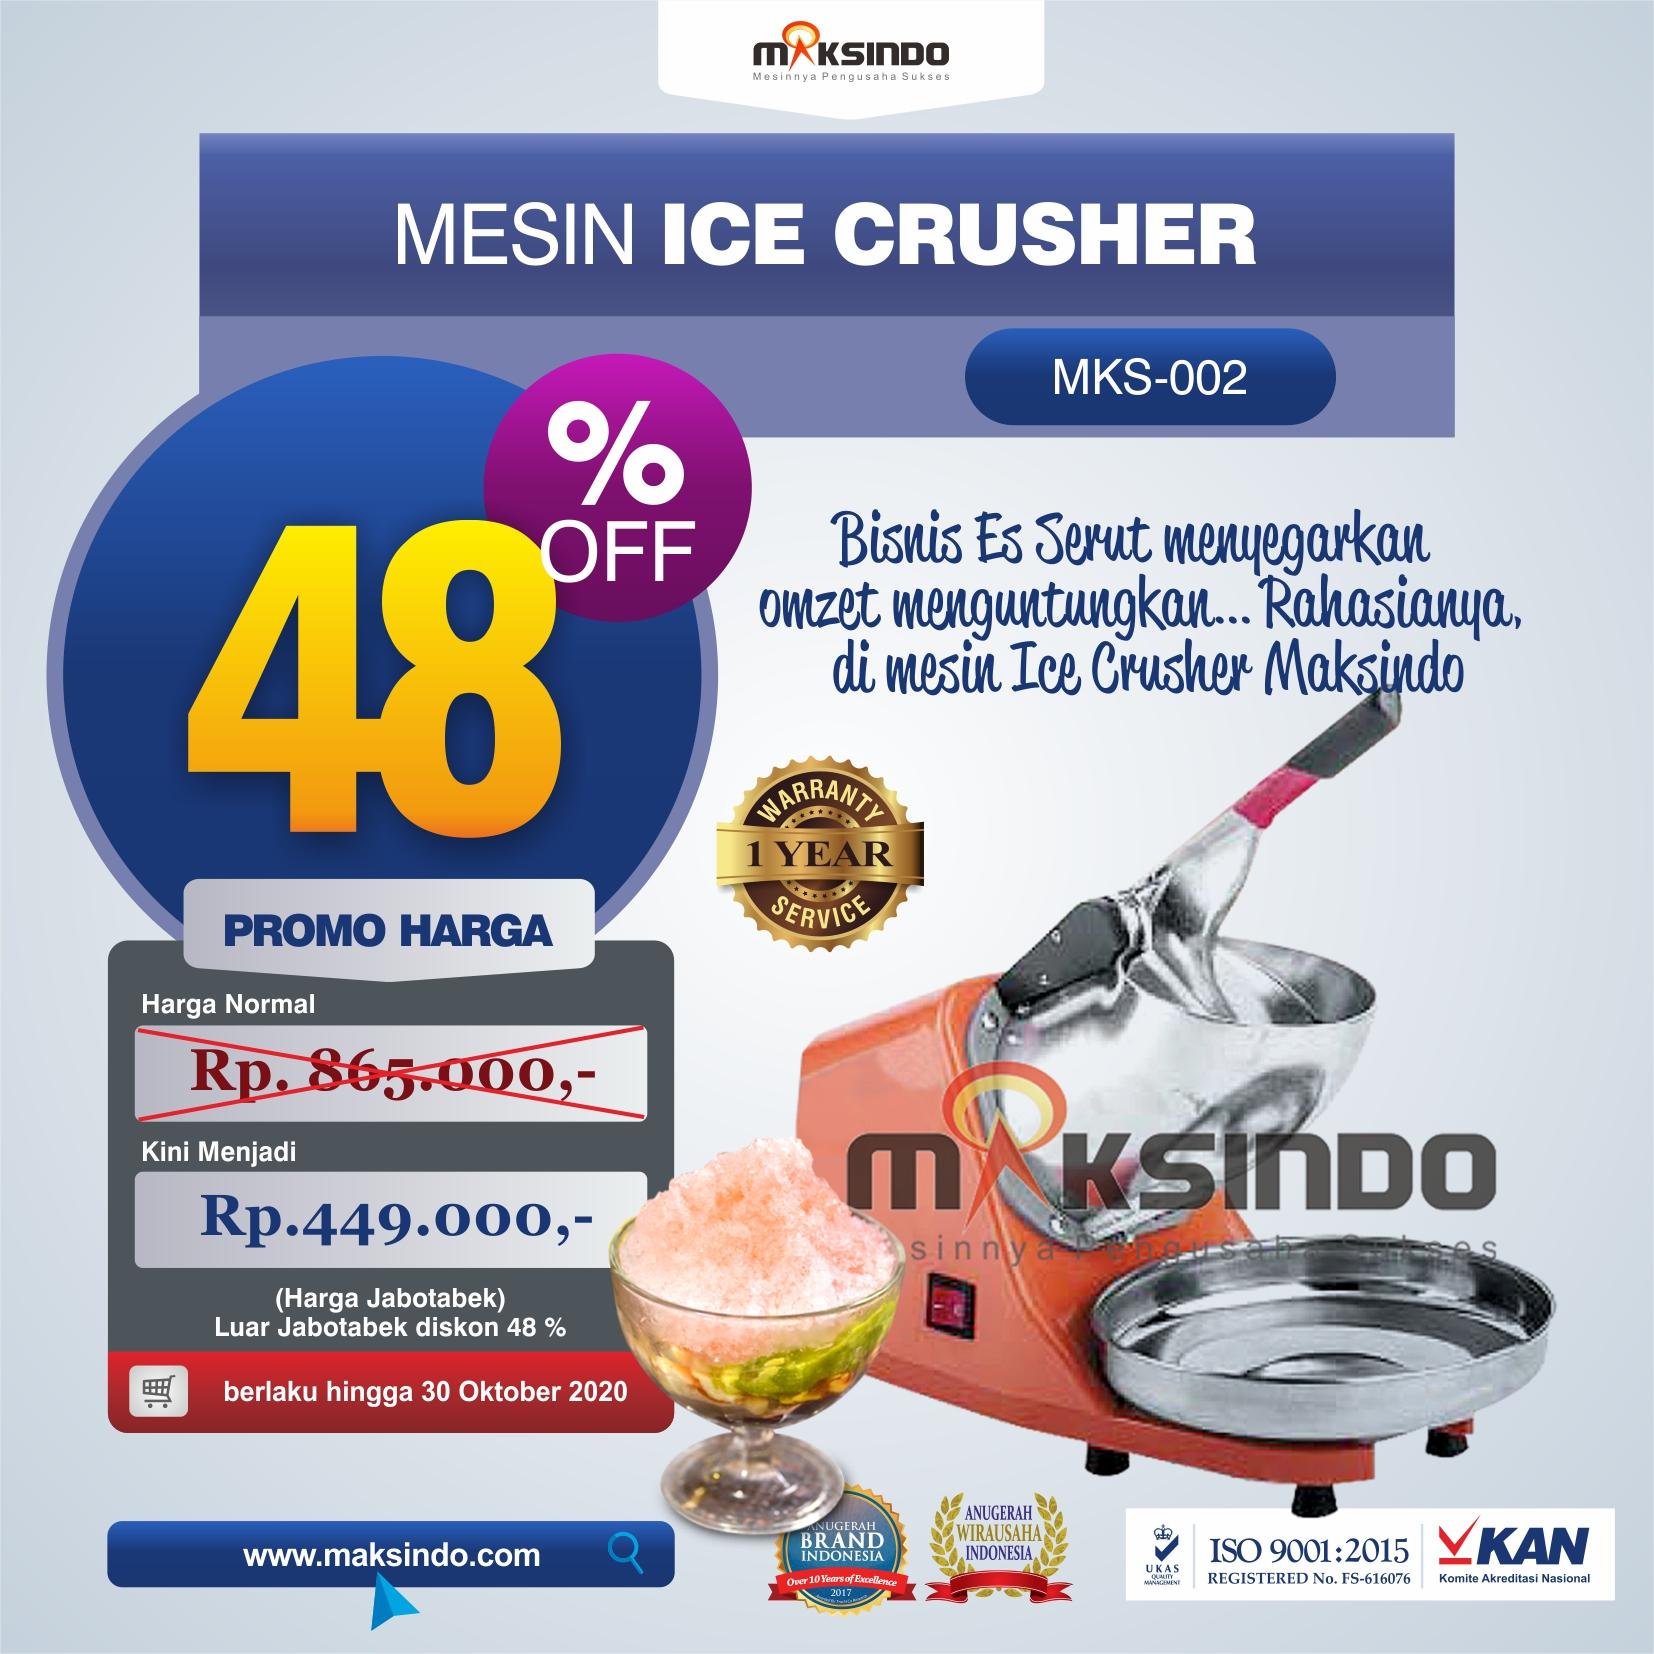 Jual Mesin Ice Crusher di Jakarta